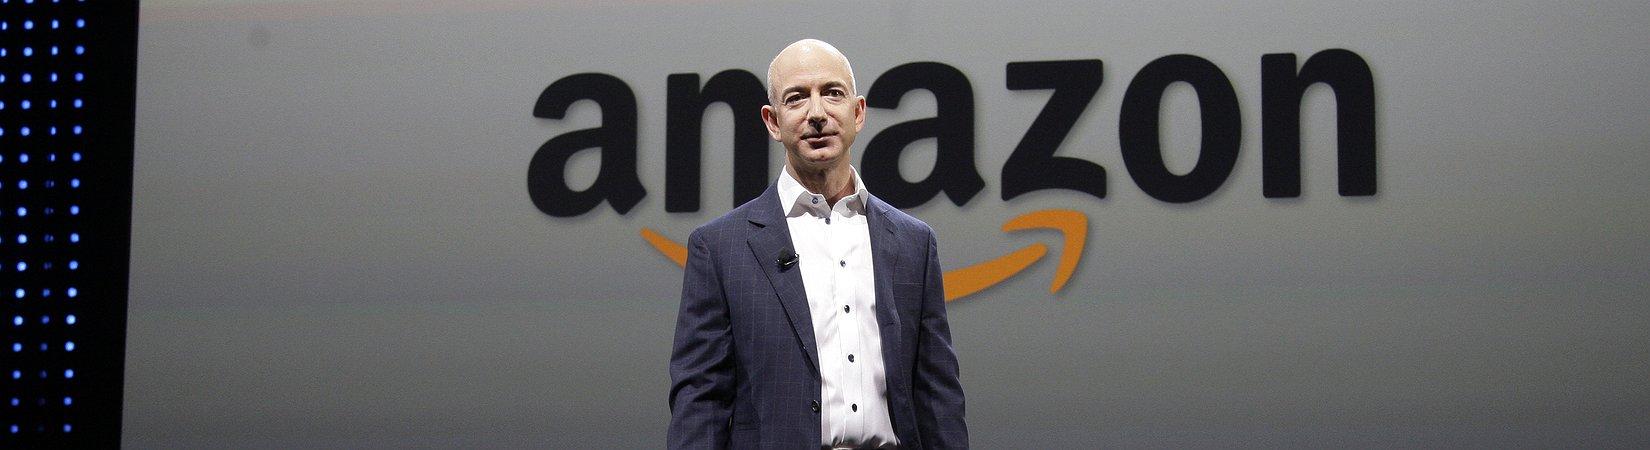 4 причины купить акции Amazon прямо сейчас